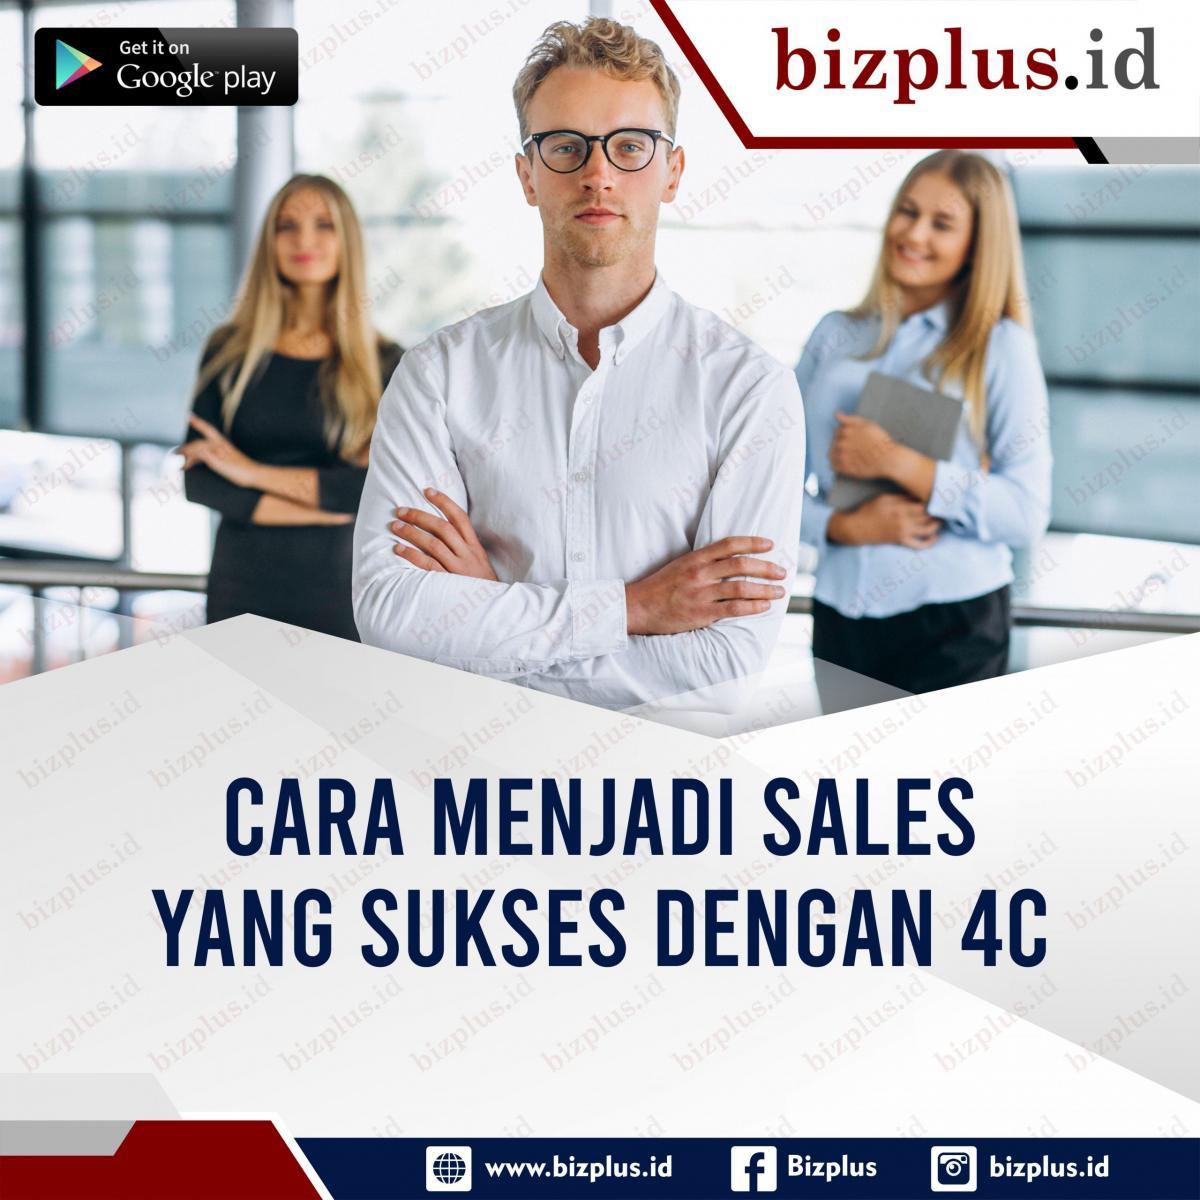 Cara Menjadi Sales Yang Sukses Dengan 4C (Slide 1)